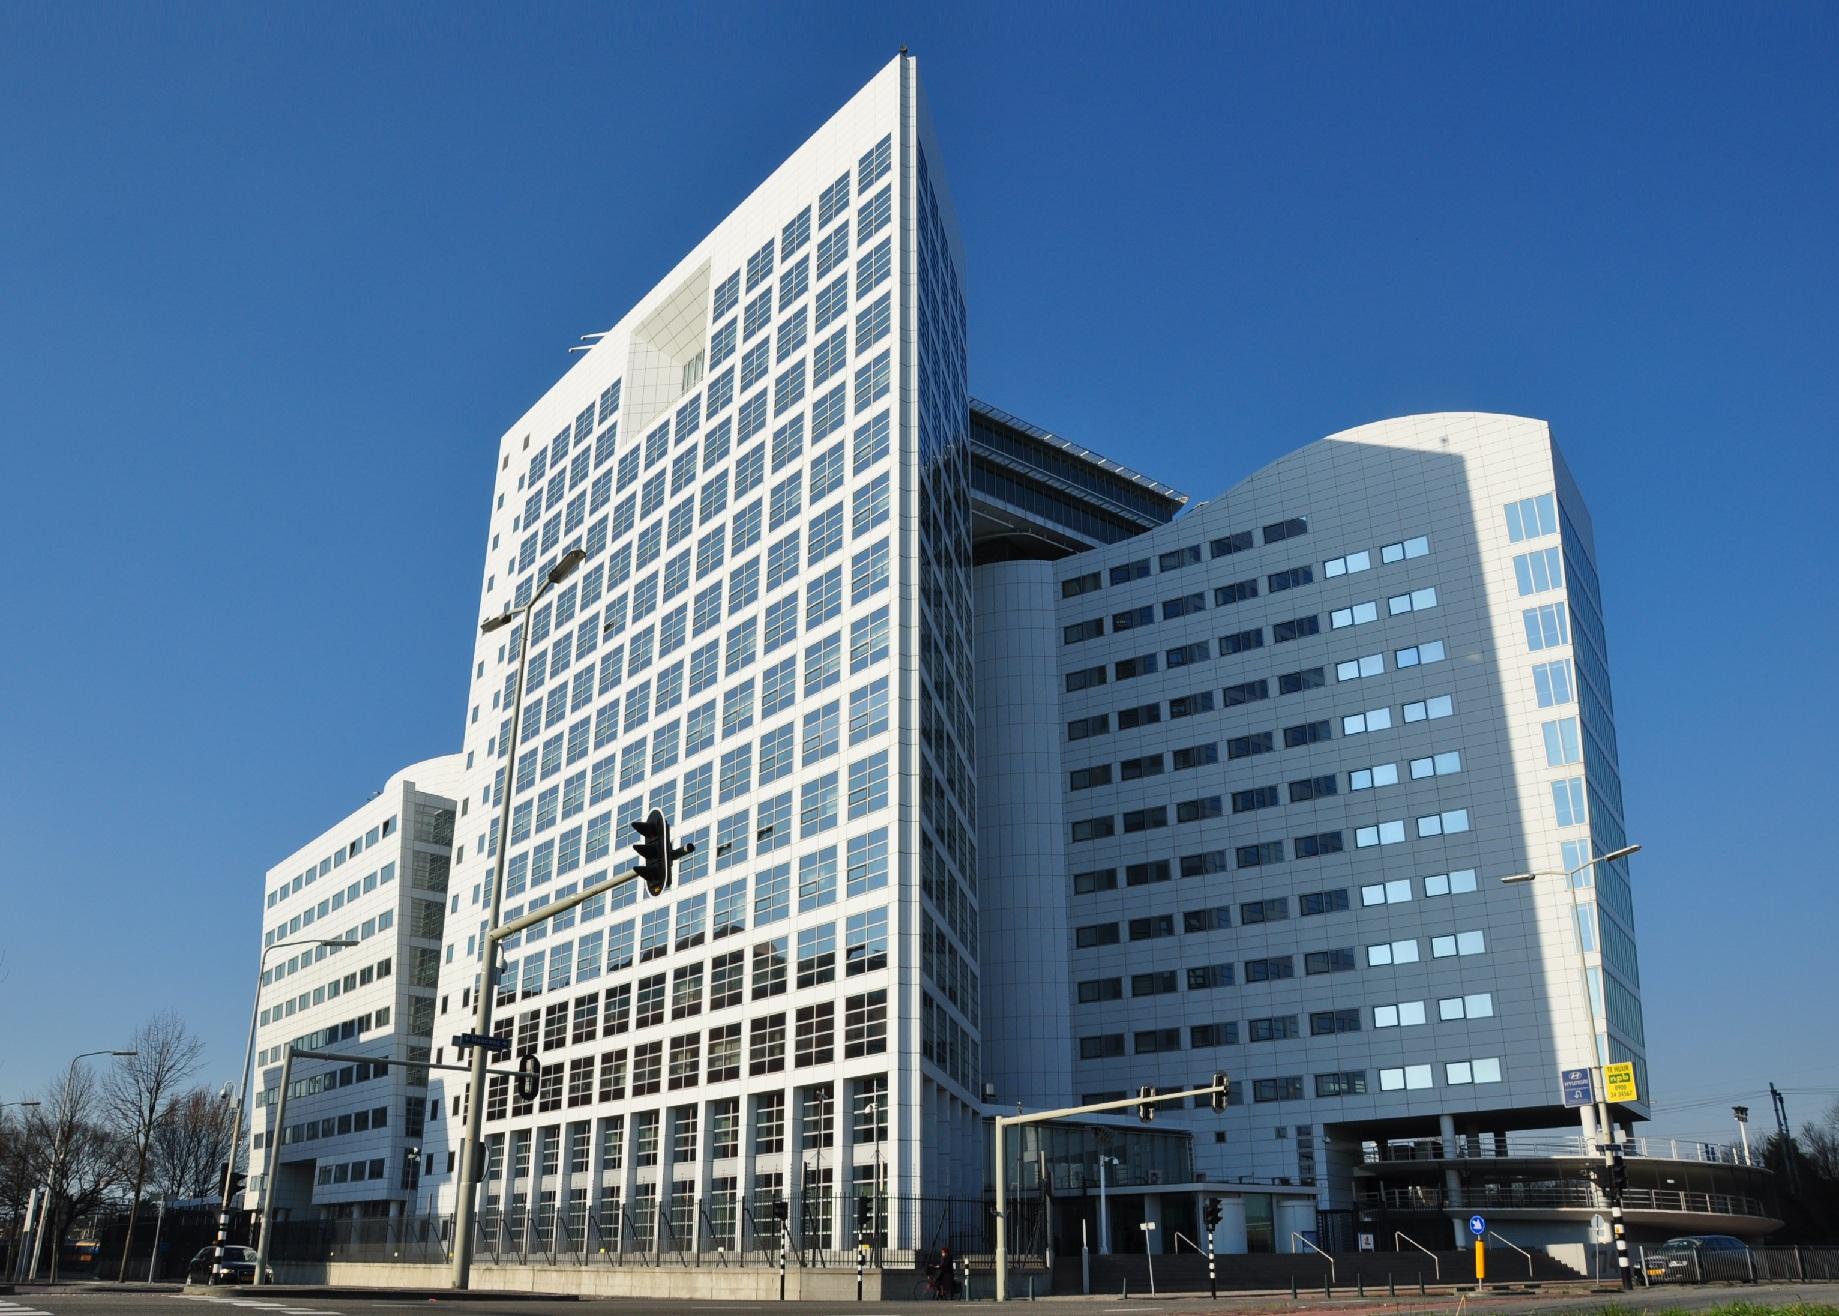 El edificio de la Corte Penal Internacional en La Haya, Holanda. [Crédito de la imagen: Wikimedia Commons]